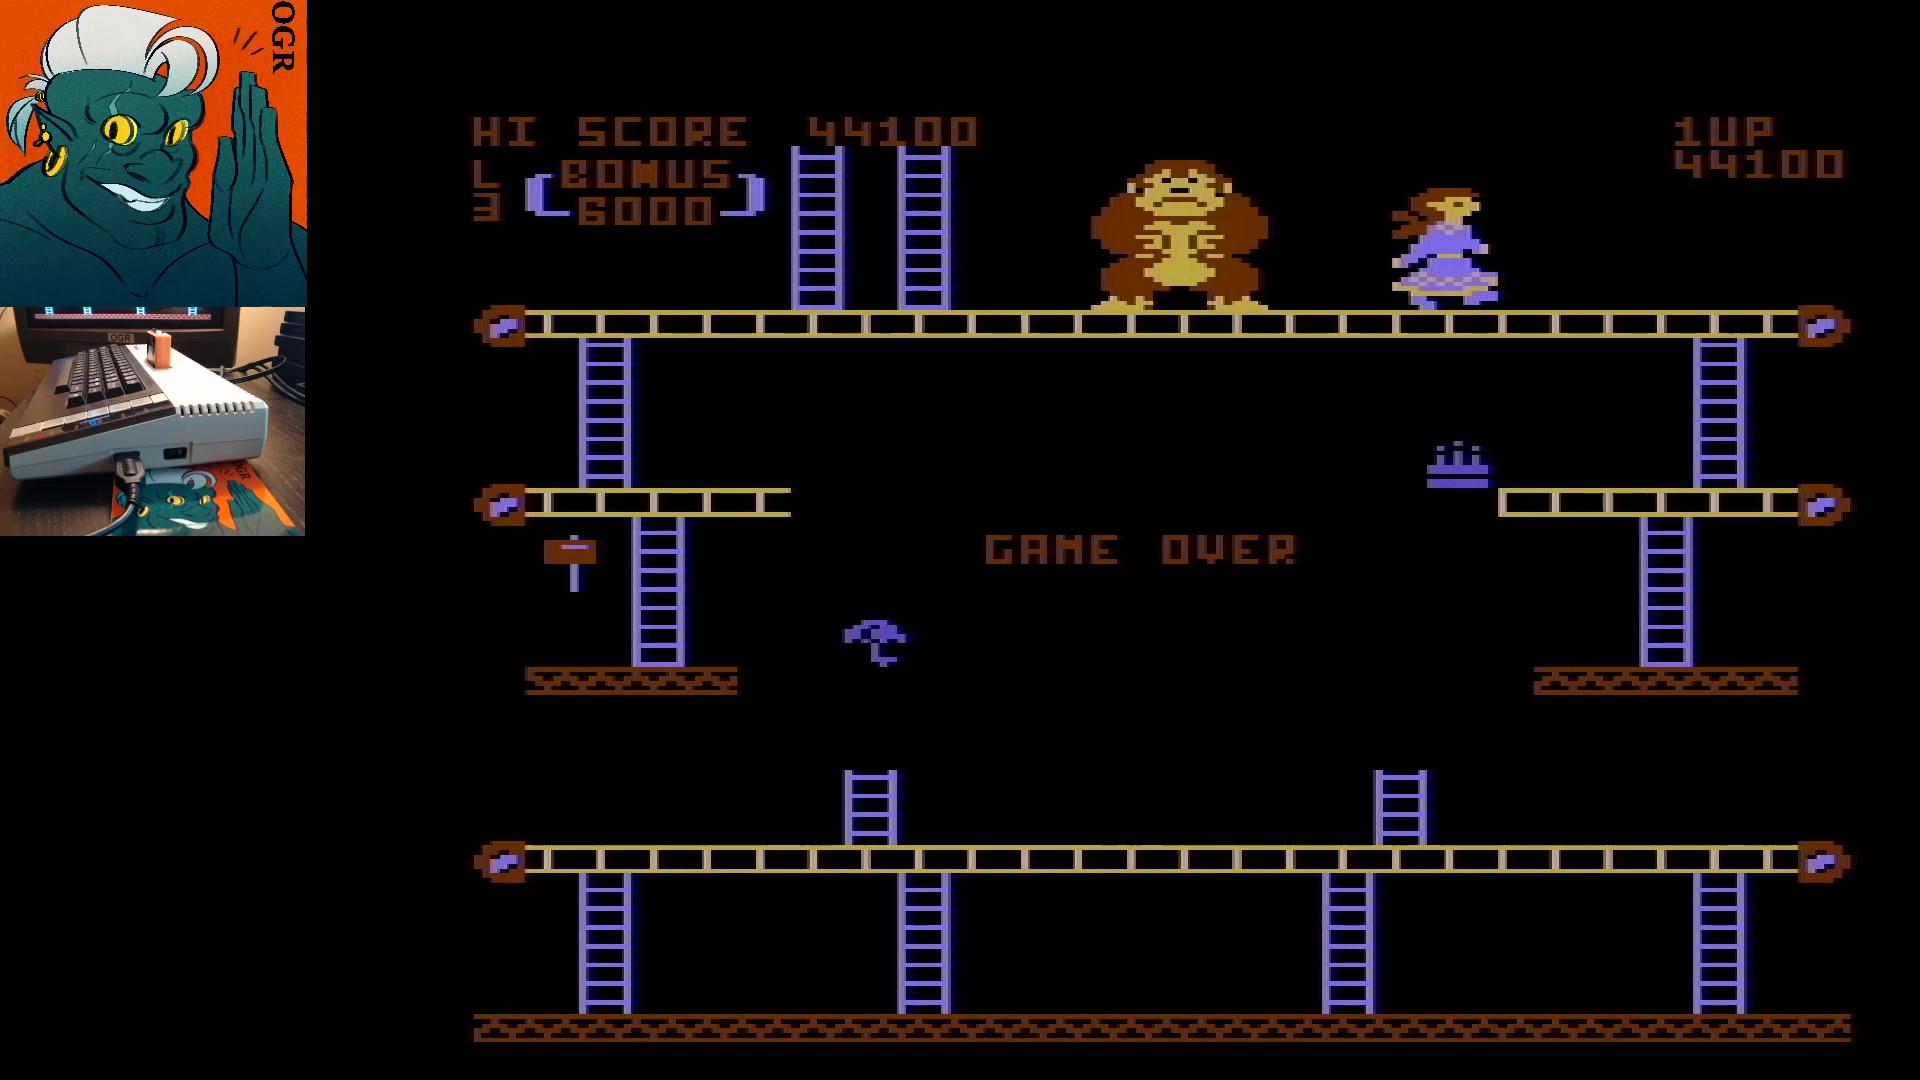 Donkey Kong 44,100 points